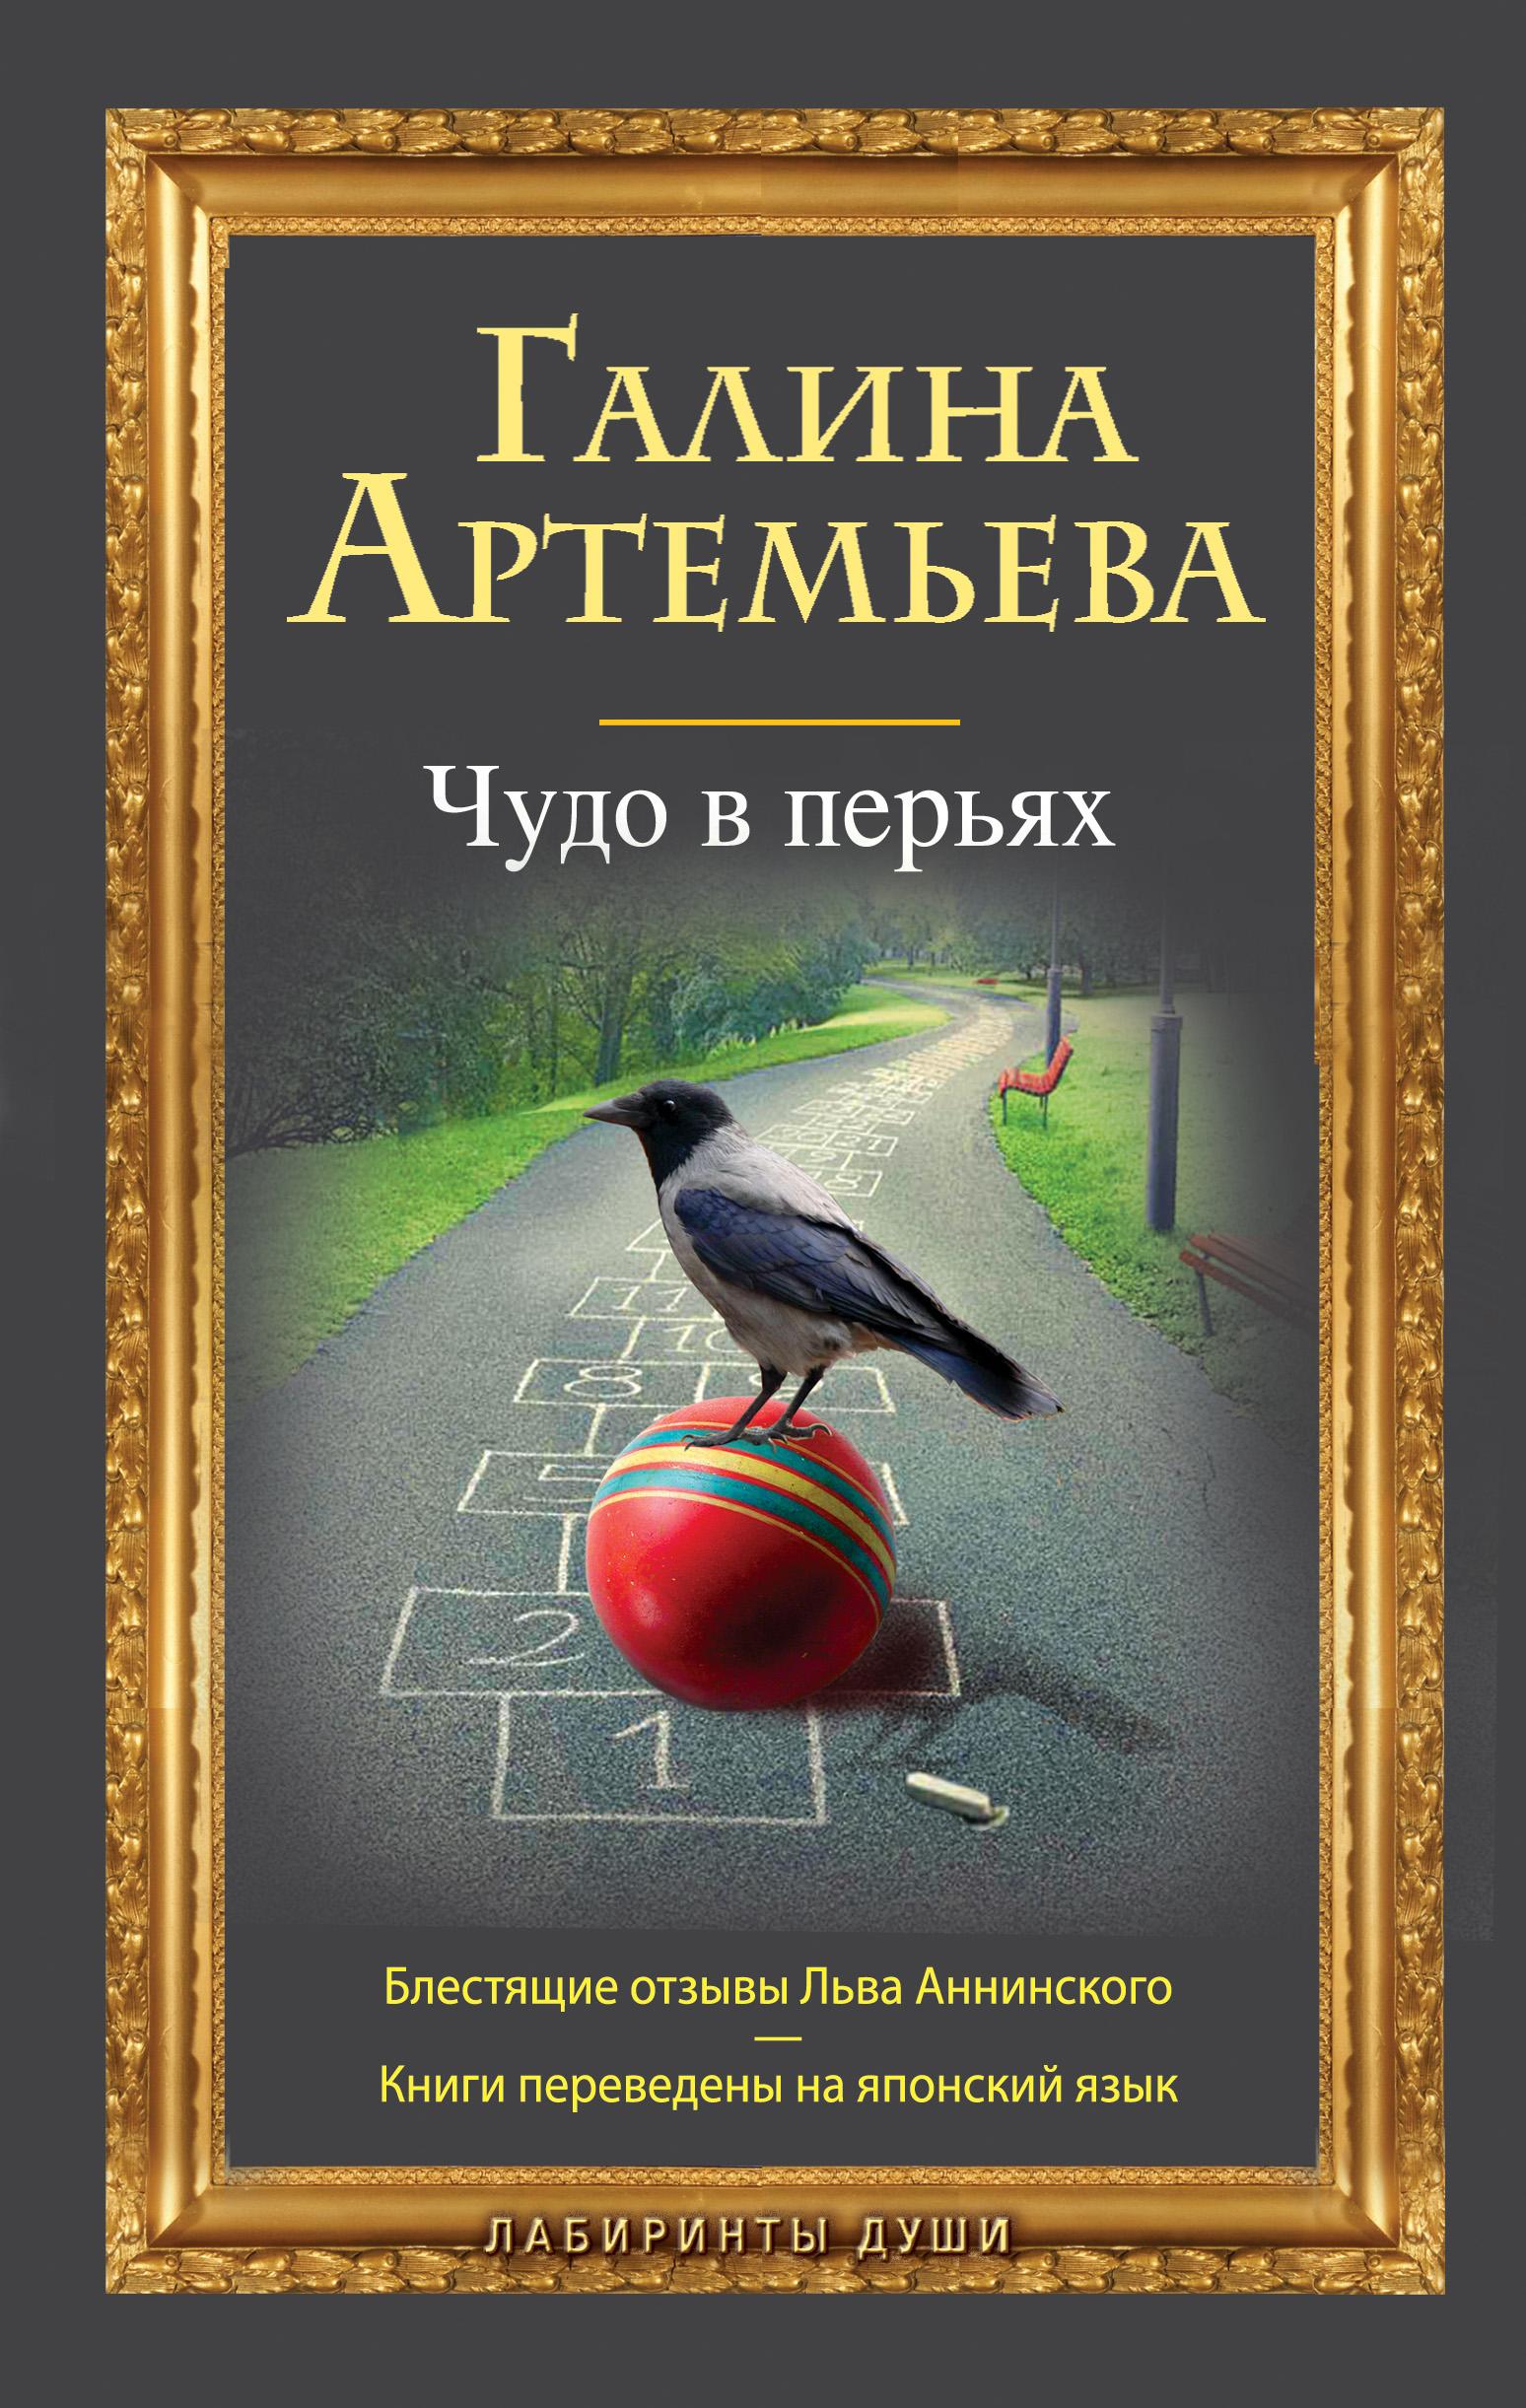 Галина Артемьева Не плачь, Минь артемьева галина несчастливой любви не бывает